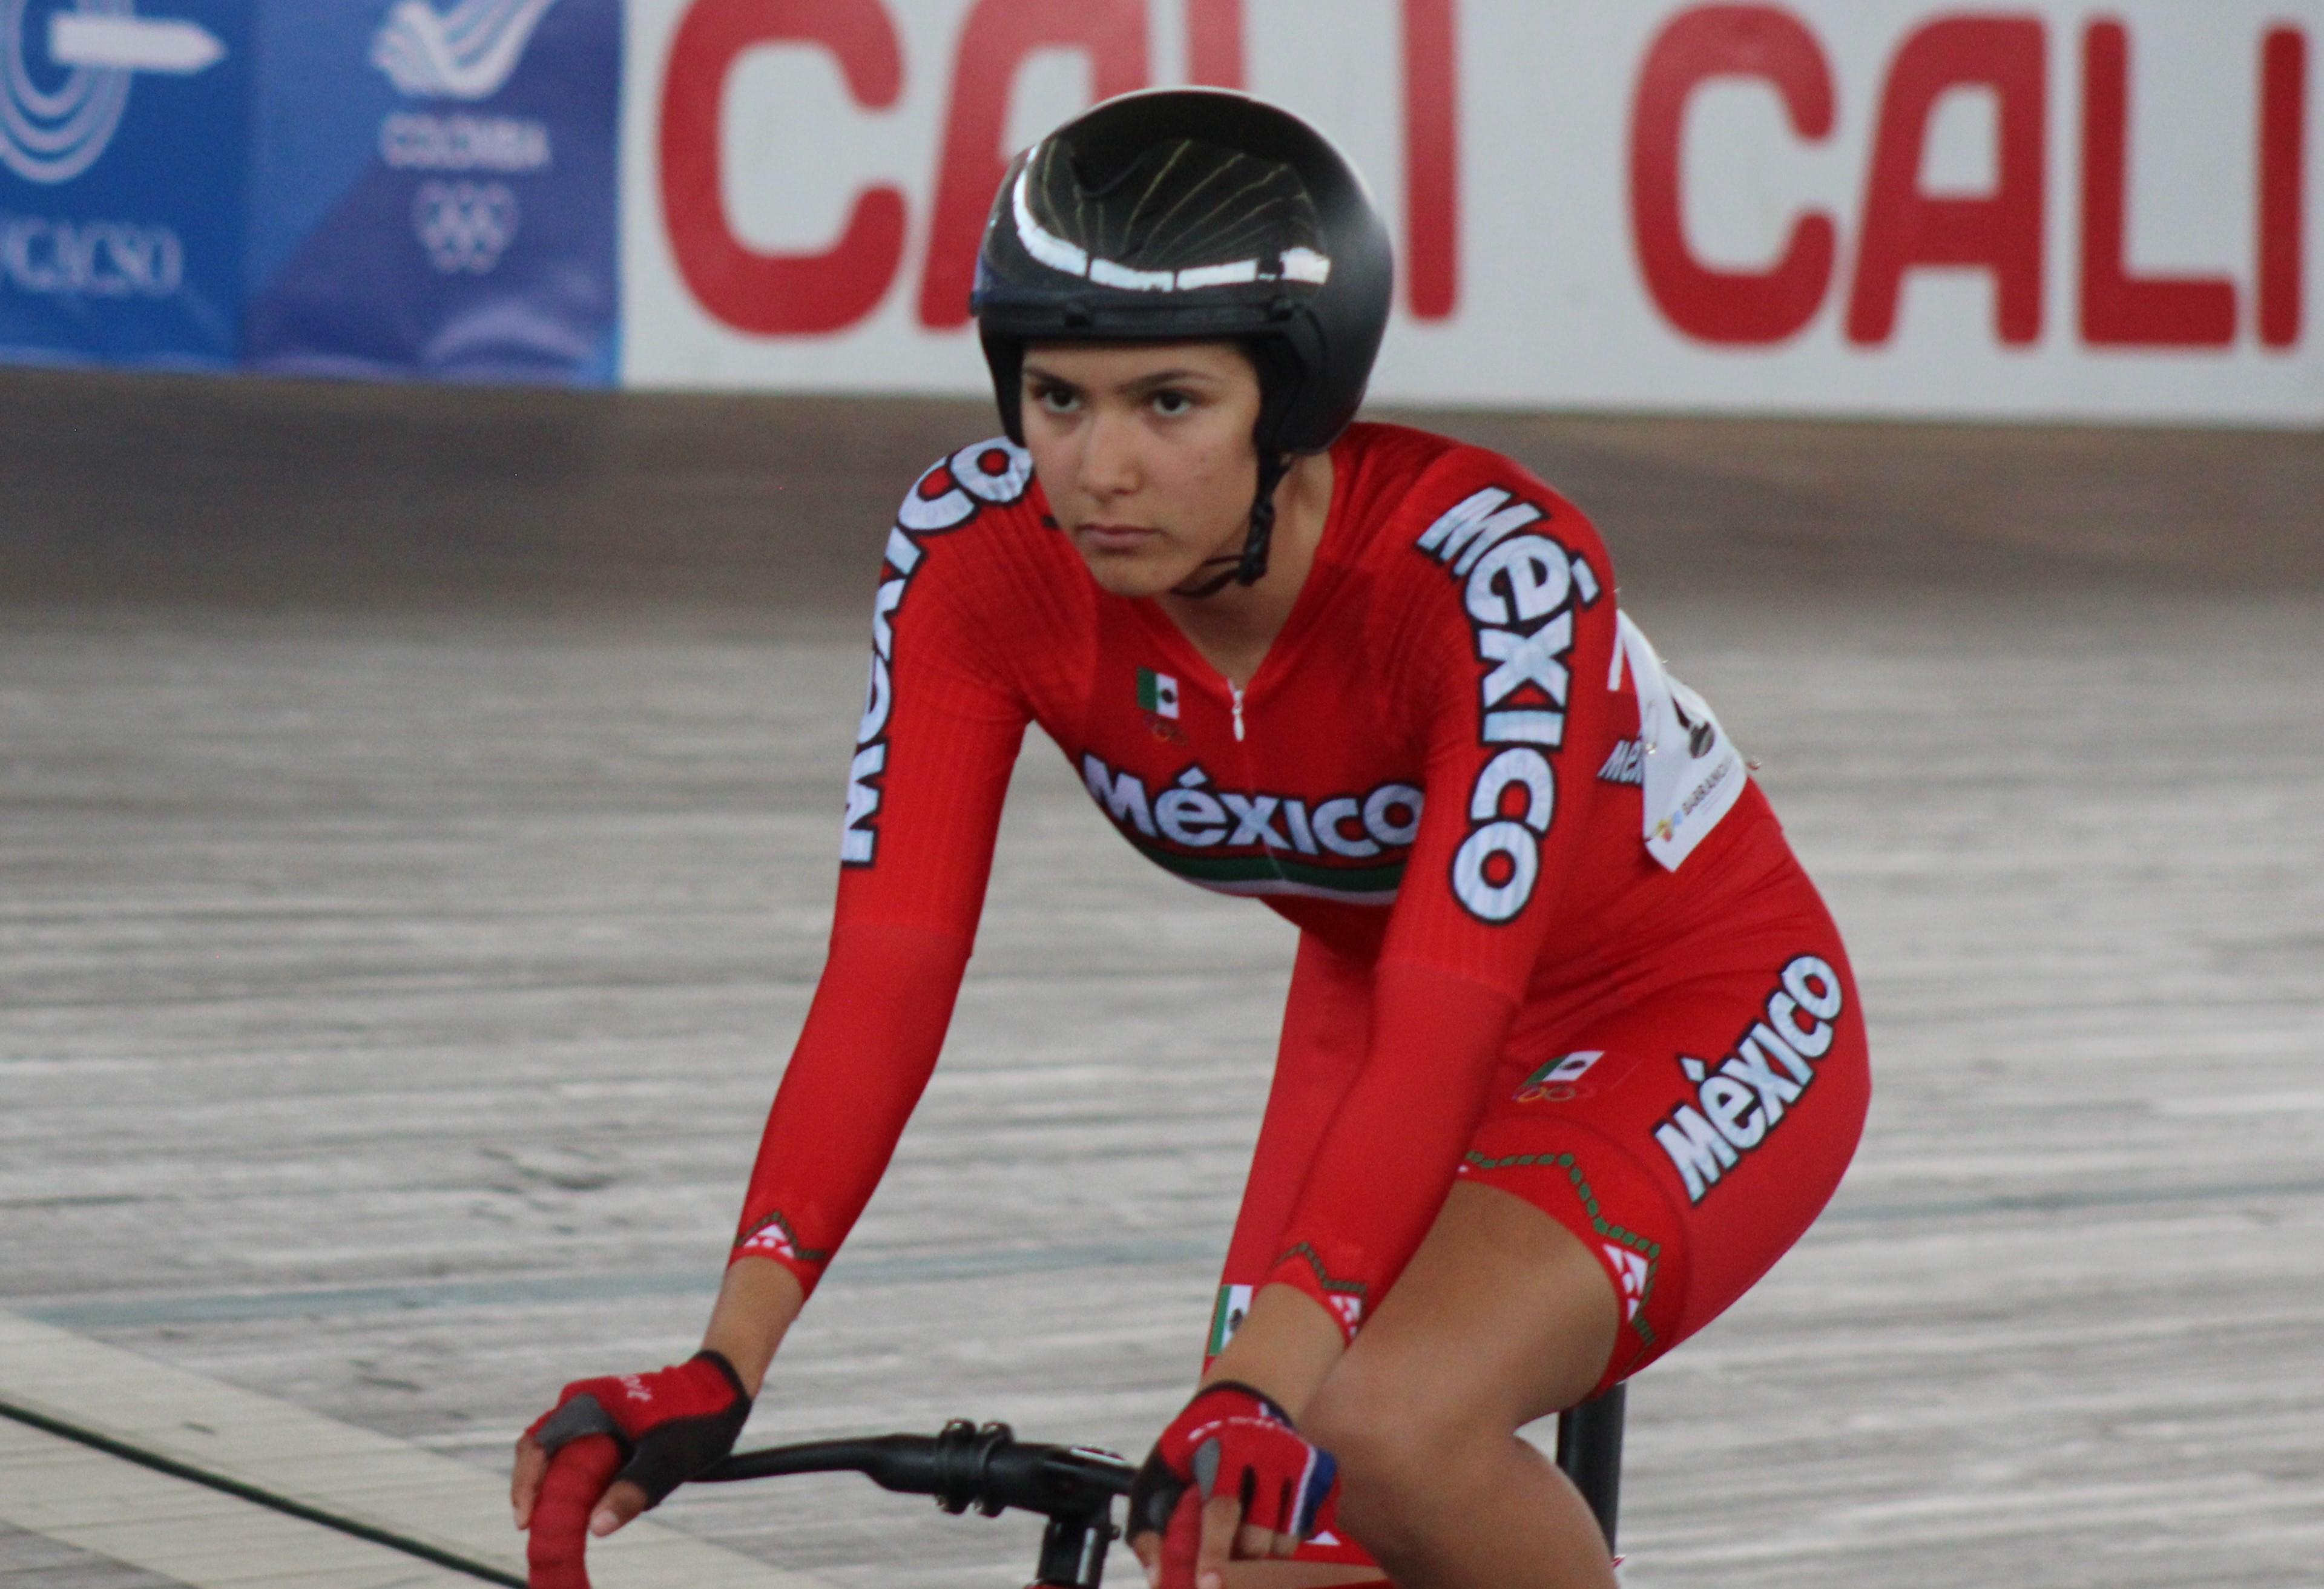 Busca ciclismo mexicano incrementar plazas en Tokio 2020